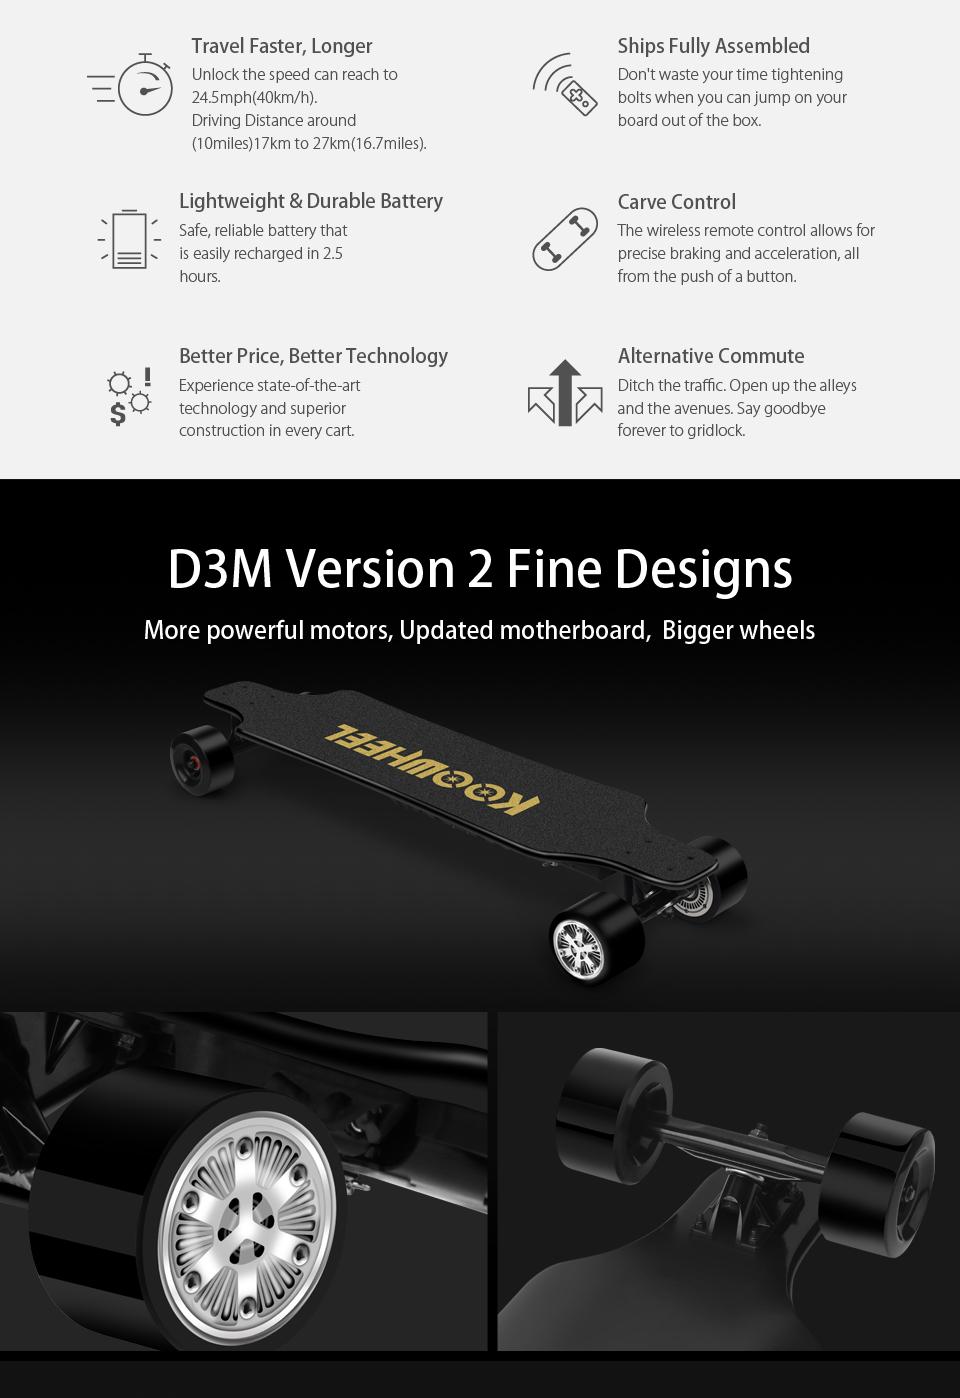 D3M--960_02